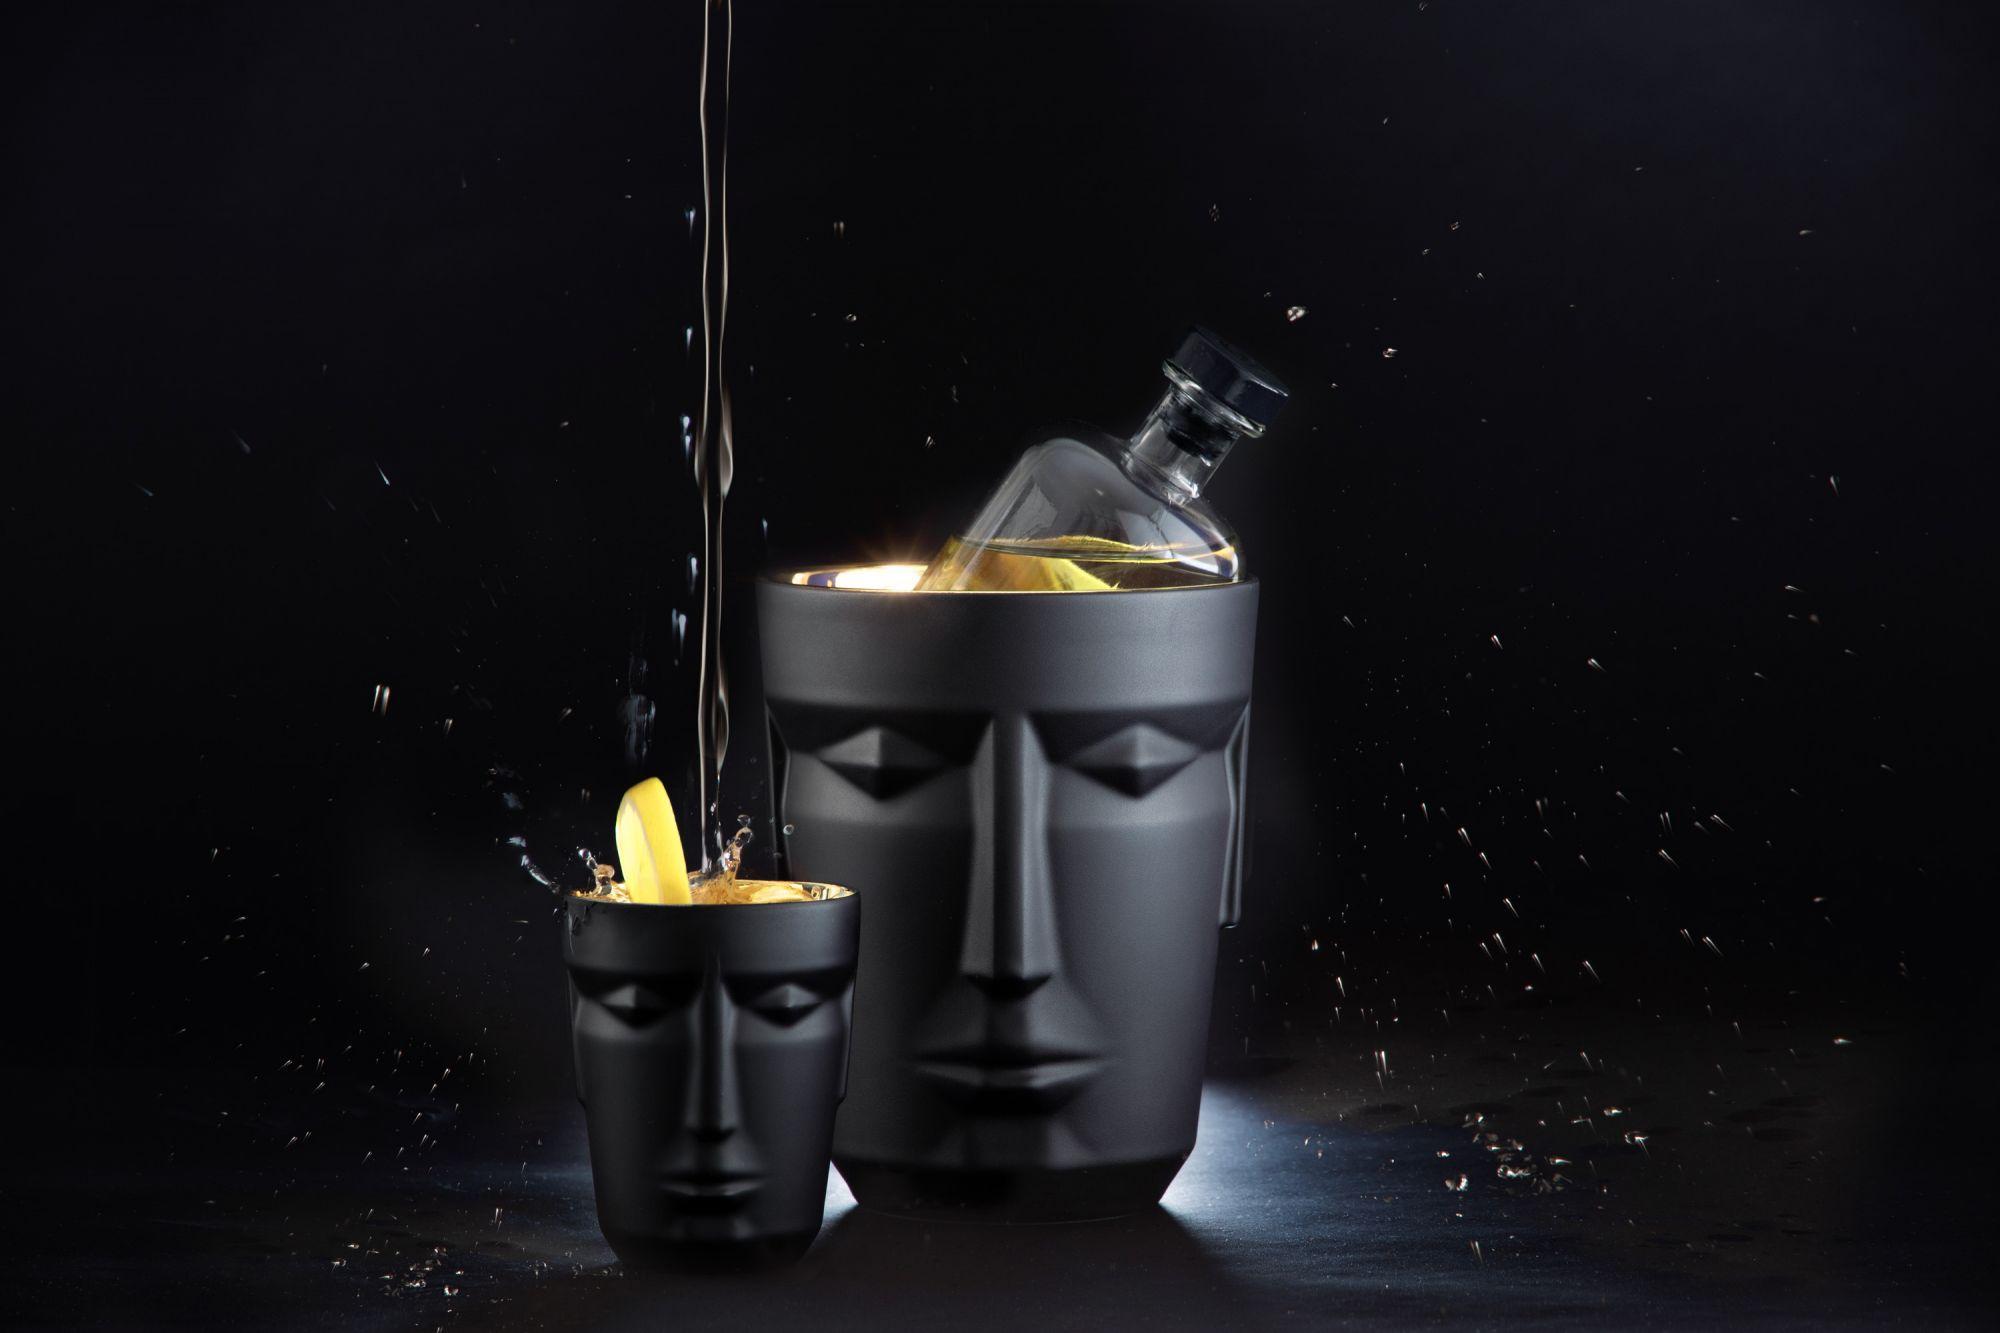 德國總理梅克爾最愛!百年FÜRSTENBERG餐瓷演繹希臘神話,純手工打造24K金杯壁內緣